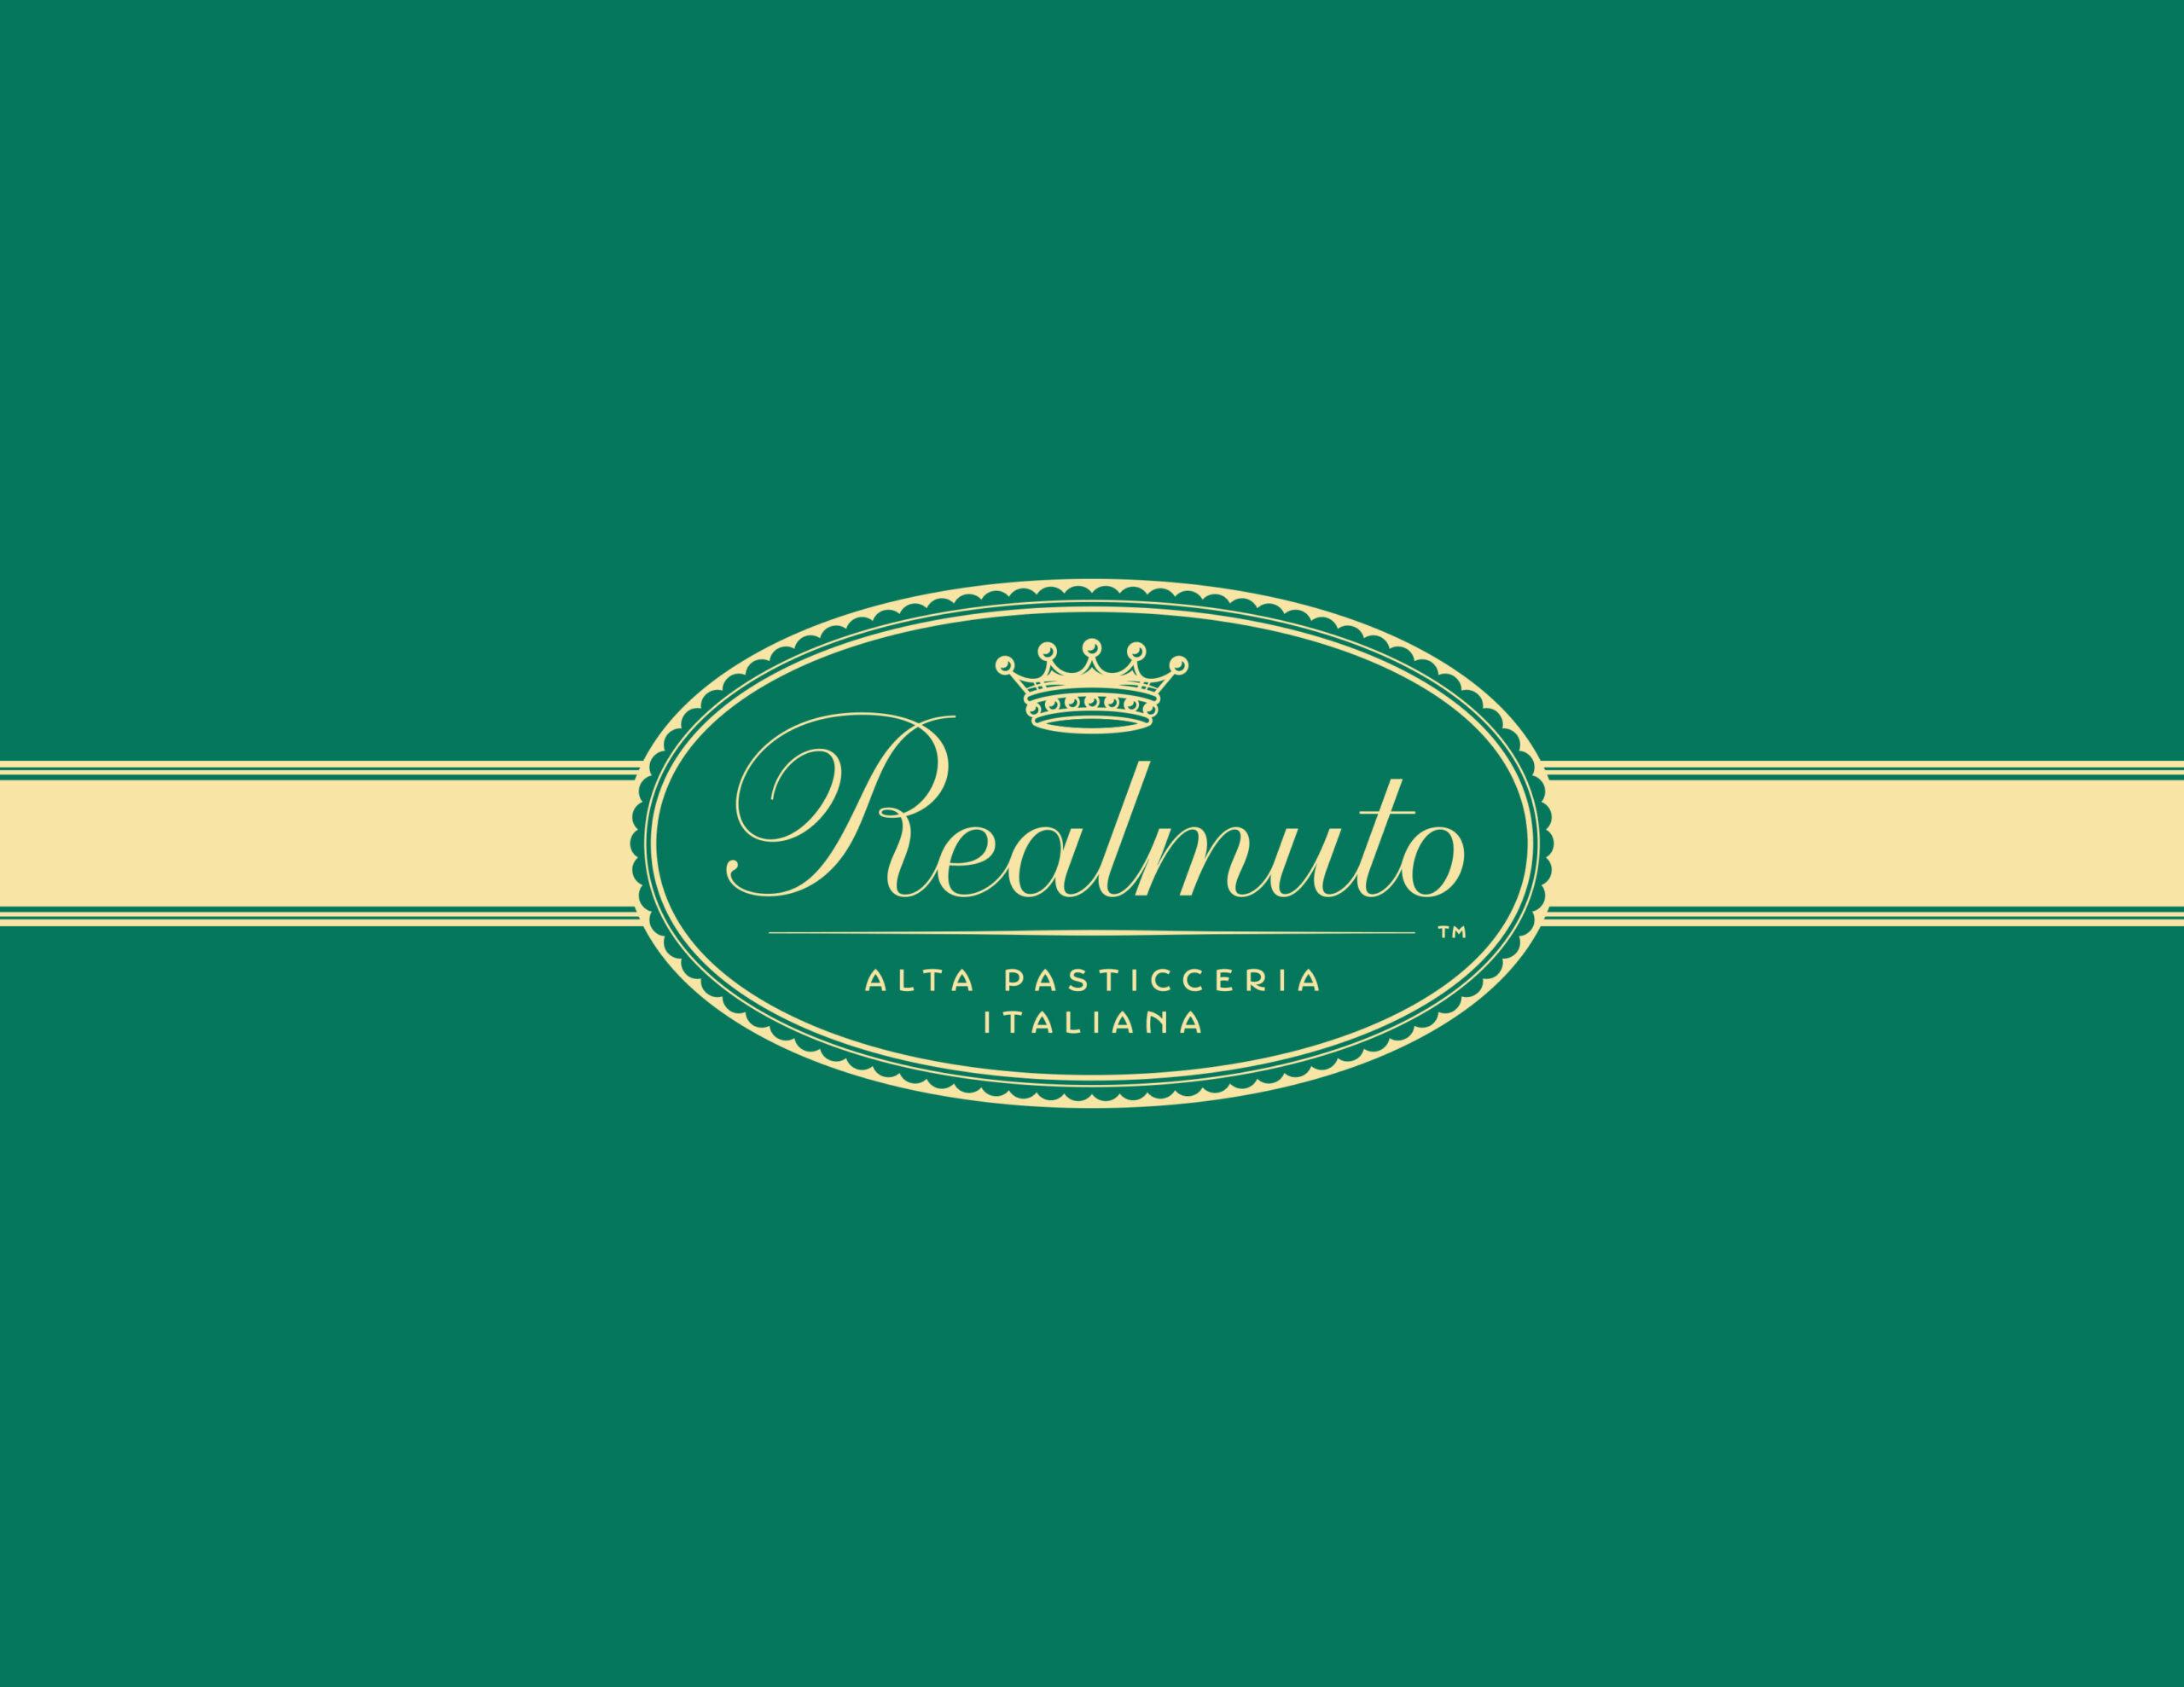 Realmuto Alta Pasticceria Italiana